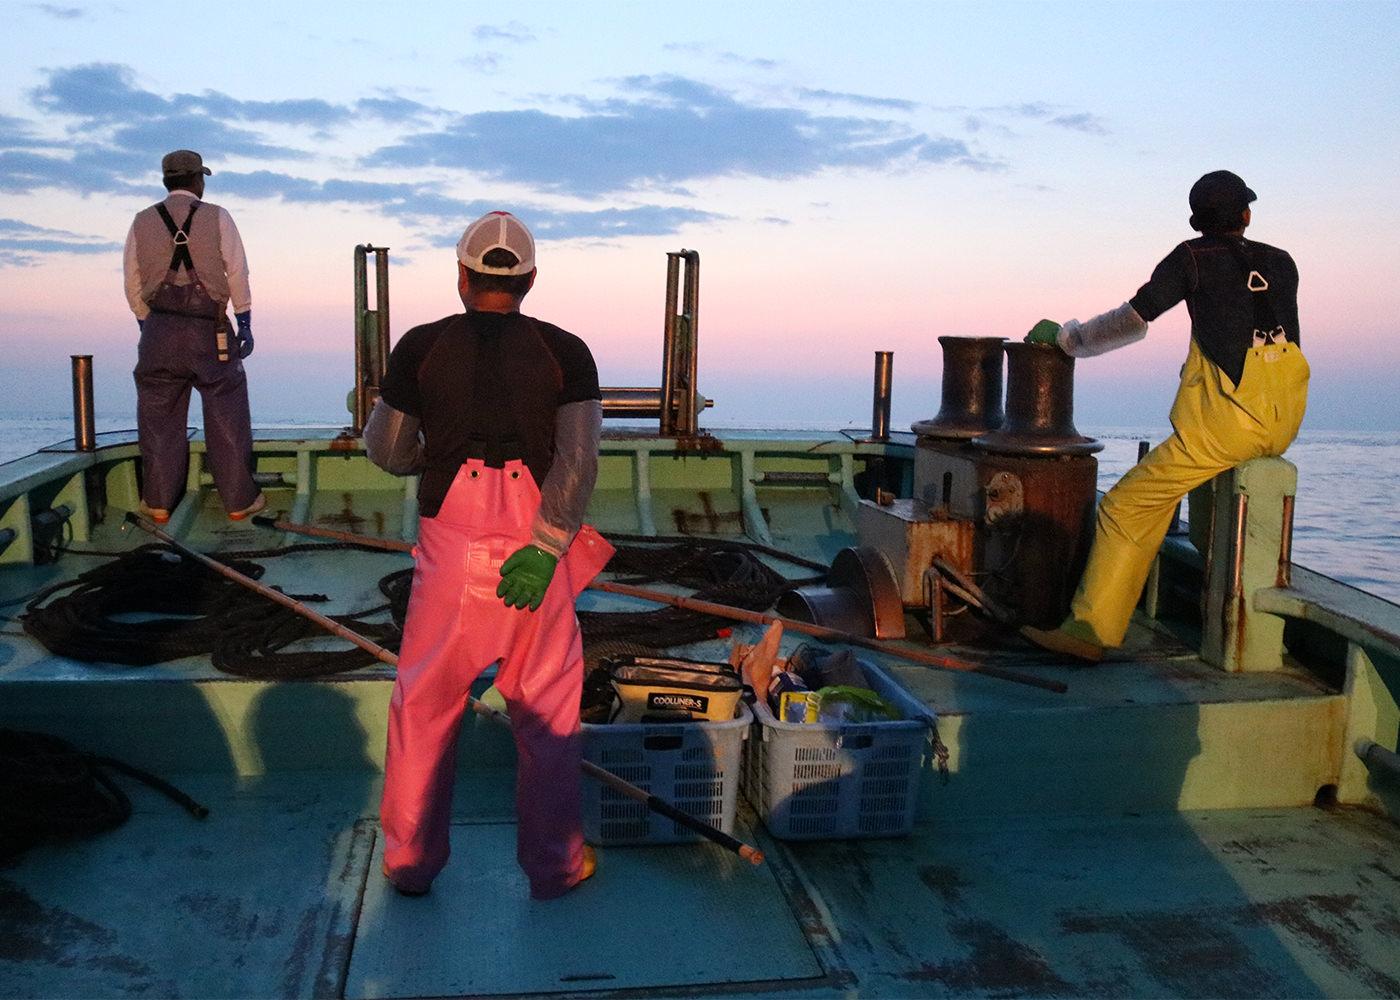 波切大敷網漁見学&漁師飯づくり